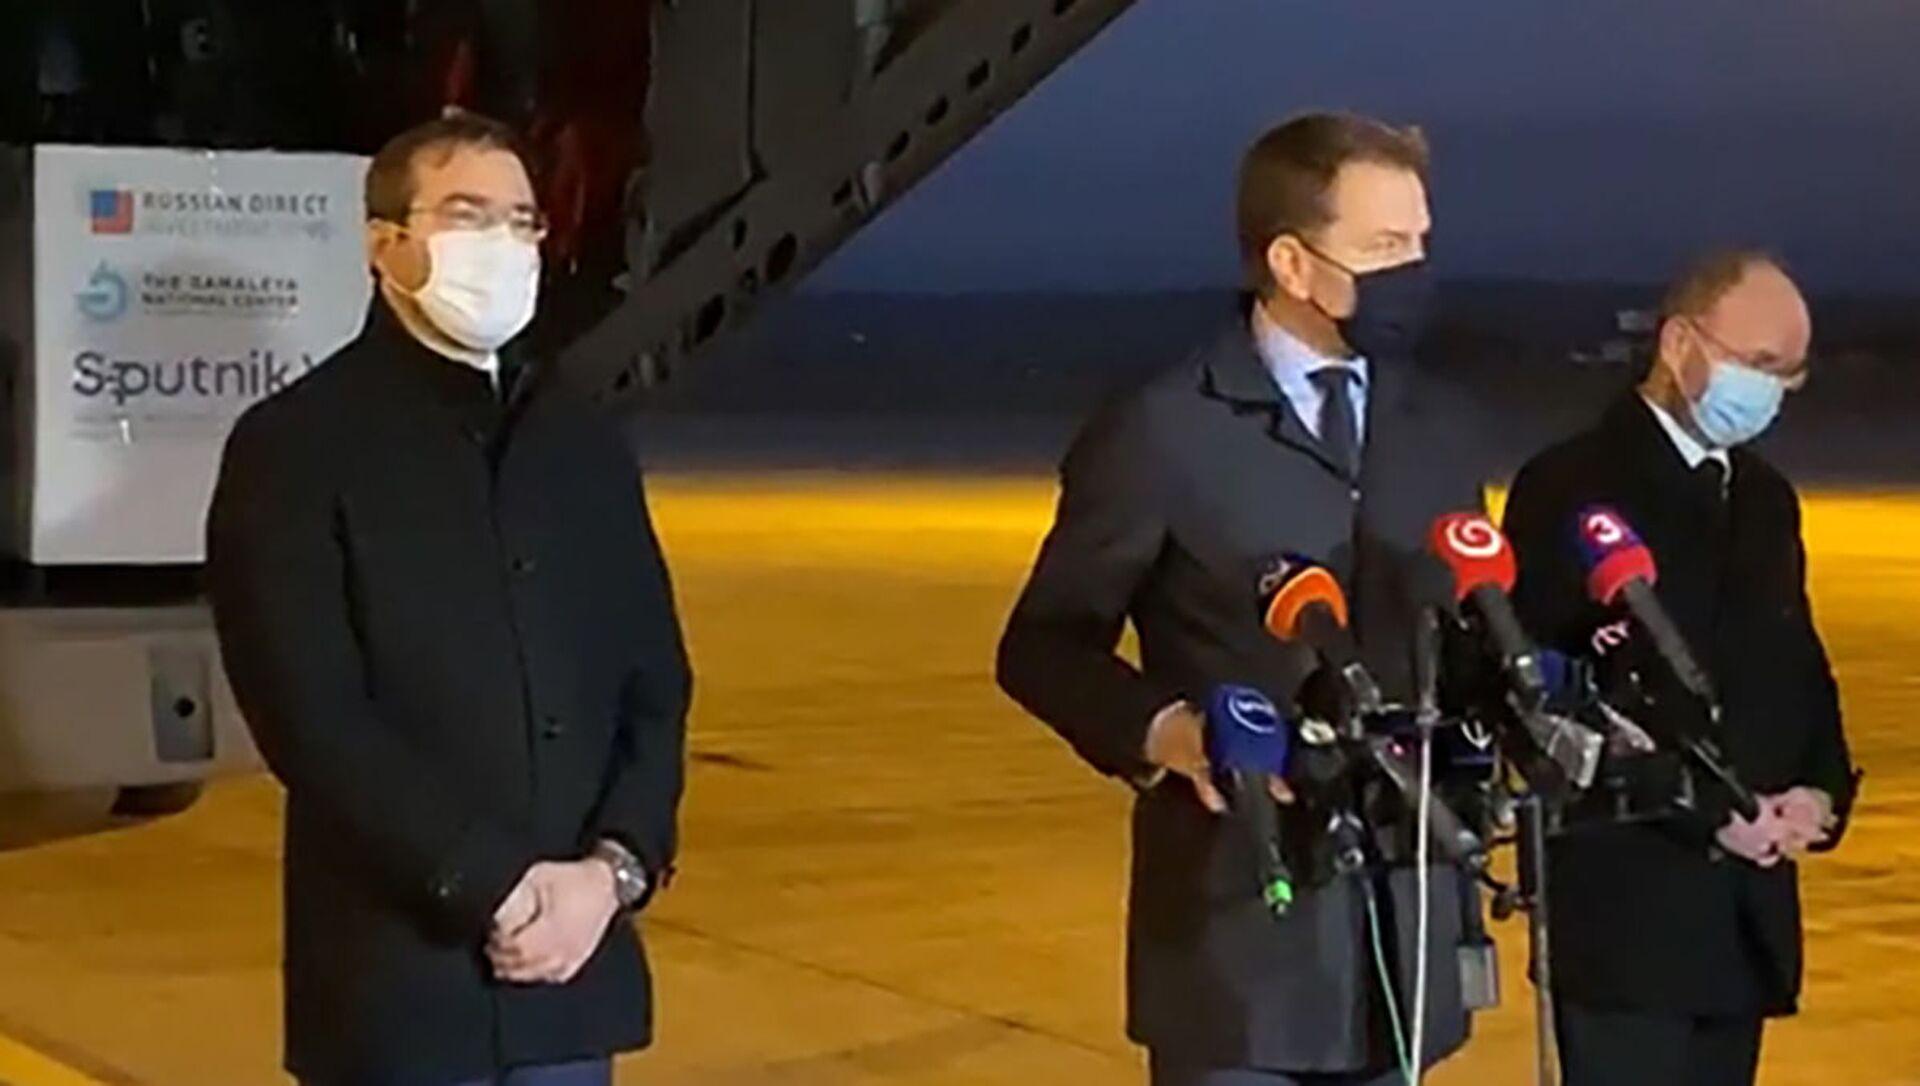 Premier Słowacji Igor Matovič (w środku) odpowiada na pytania dziennikarzy na lotnisku w Koszycach - Sputnik Polska, 1920, 11.03.2021